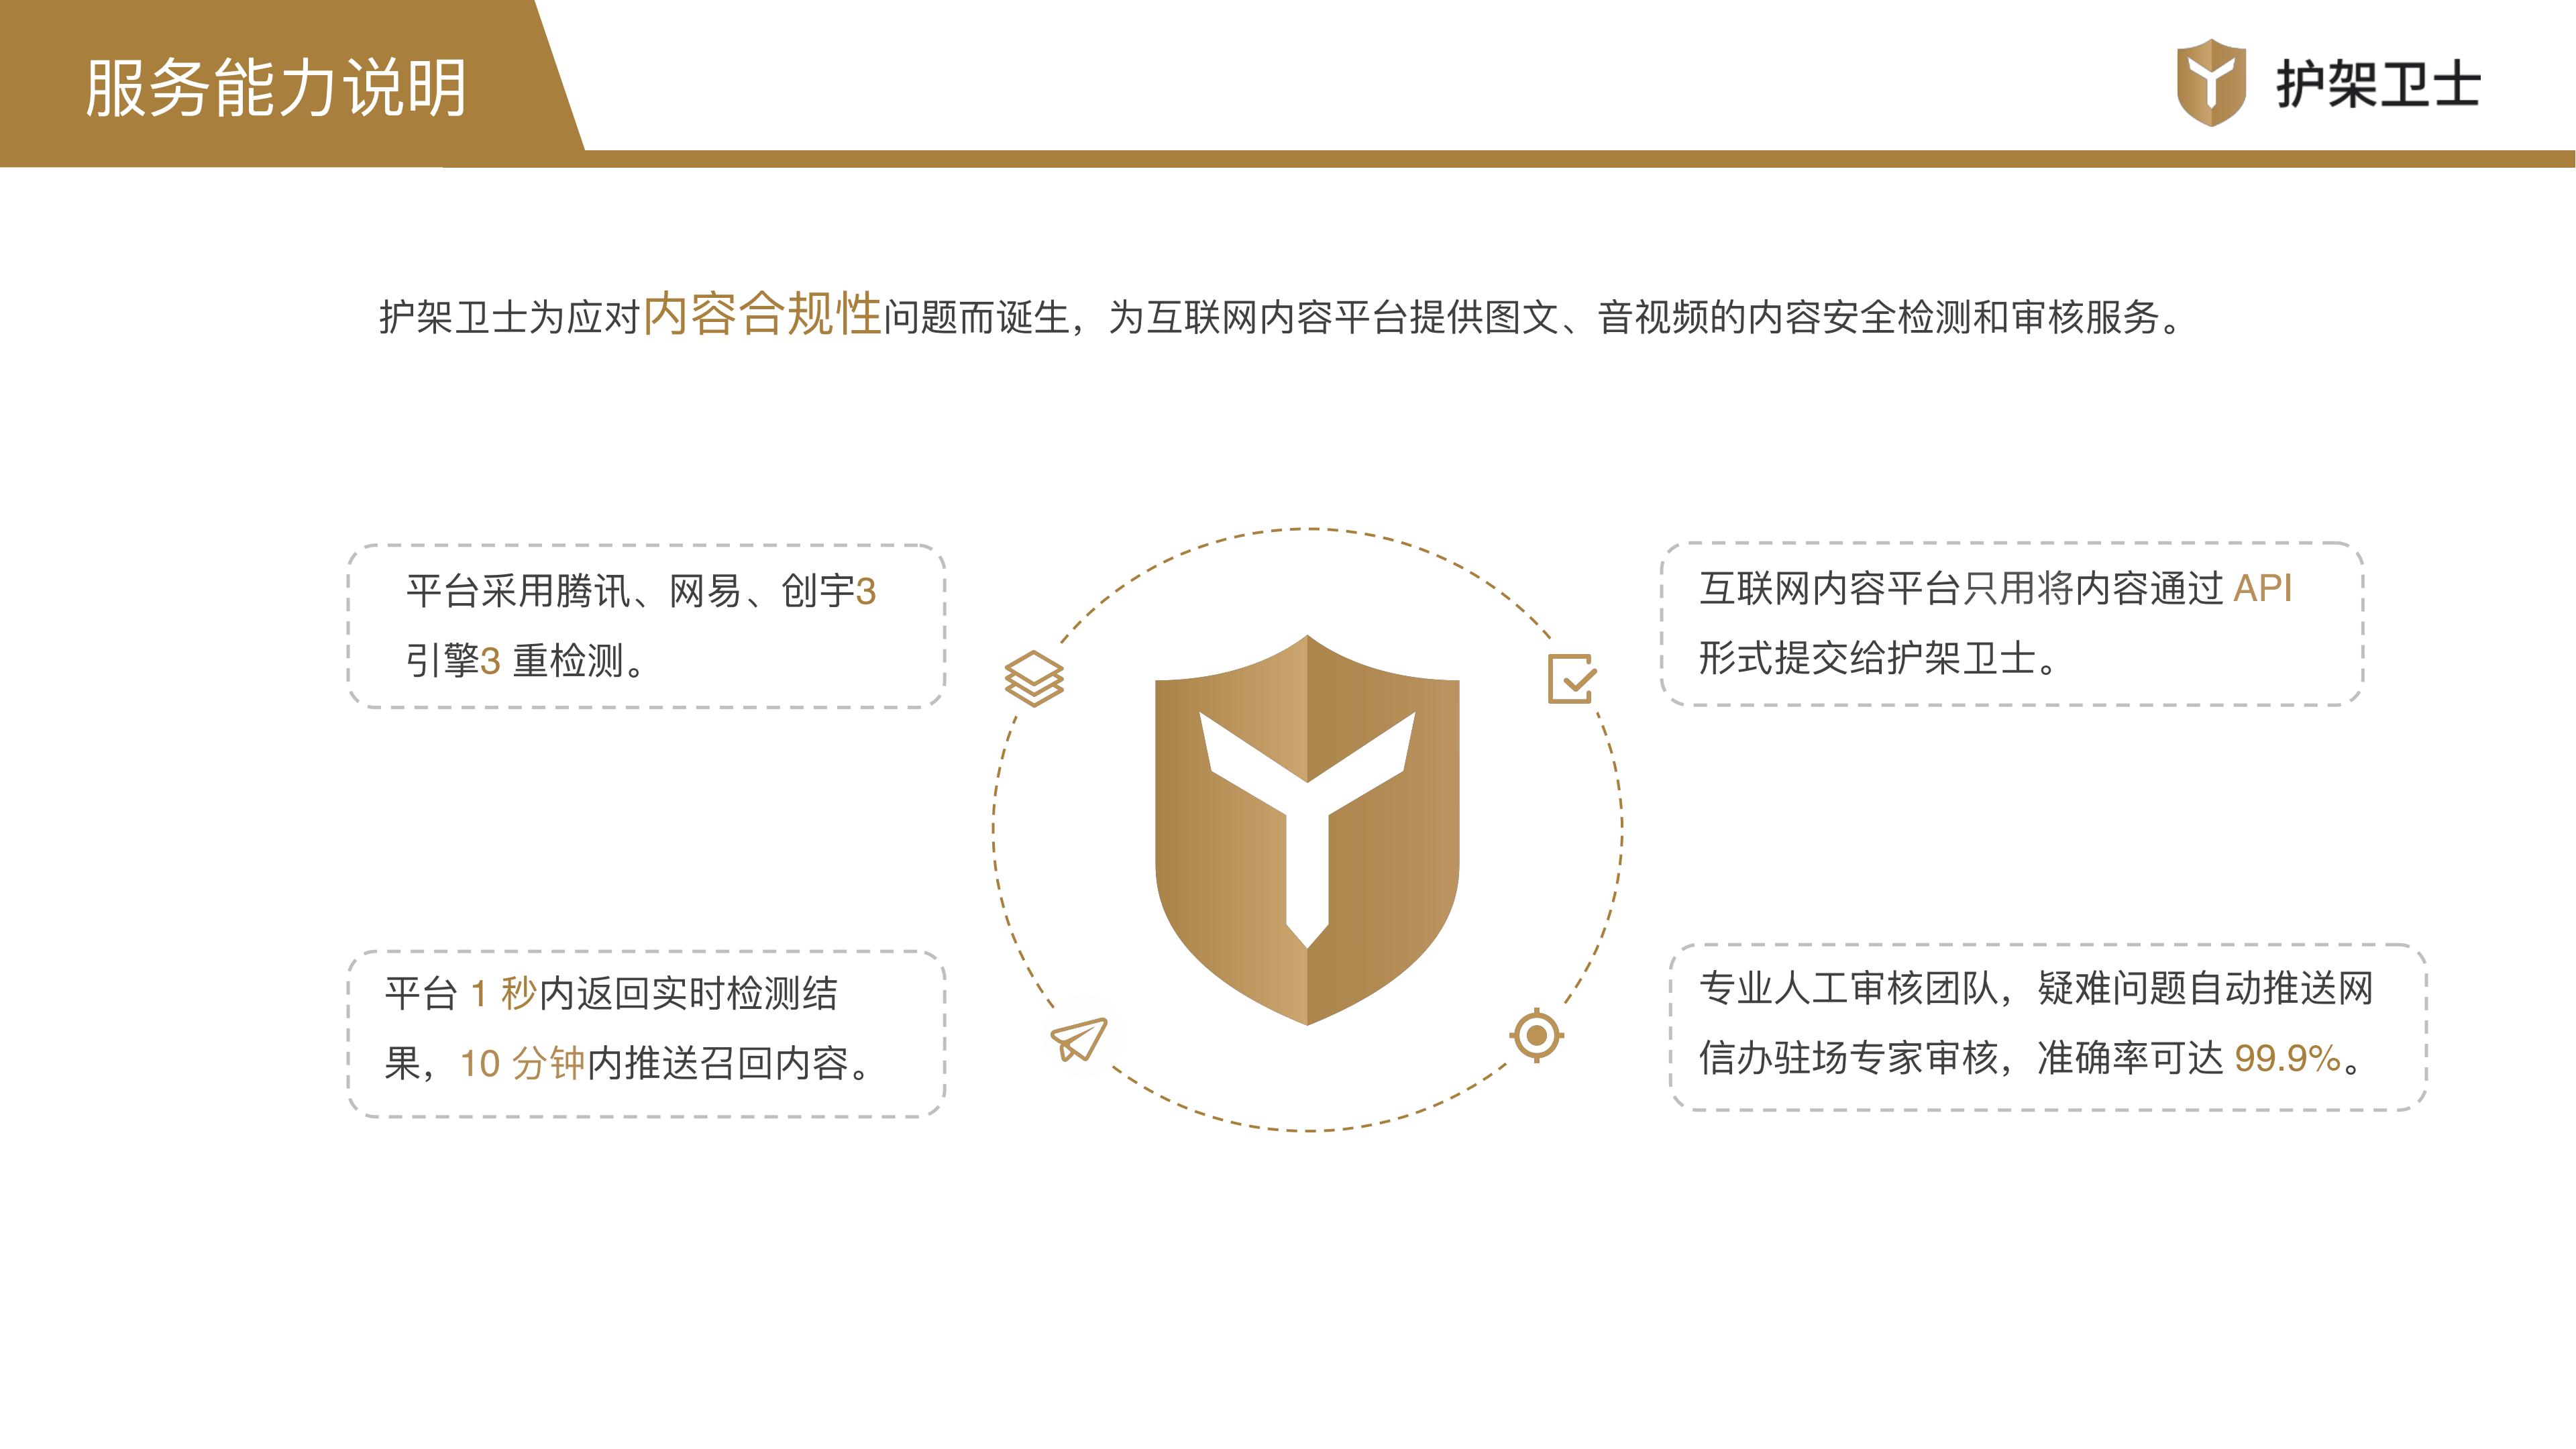 护架卫士产品介绍1.2_06.png